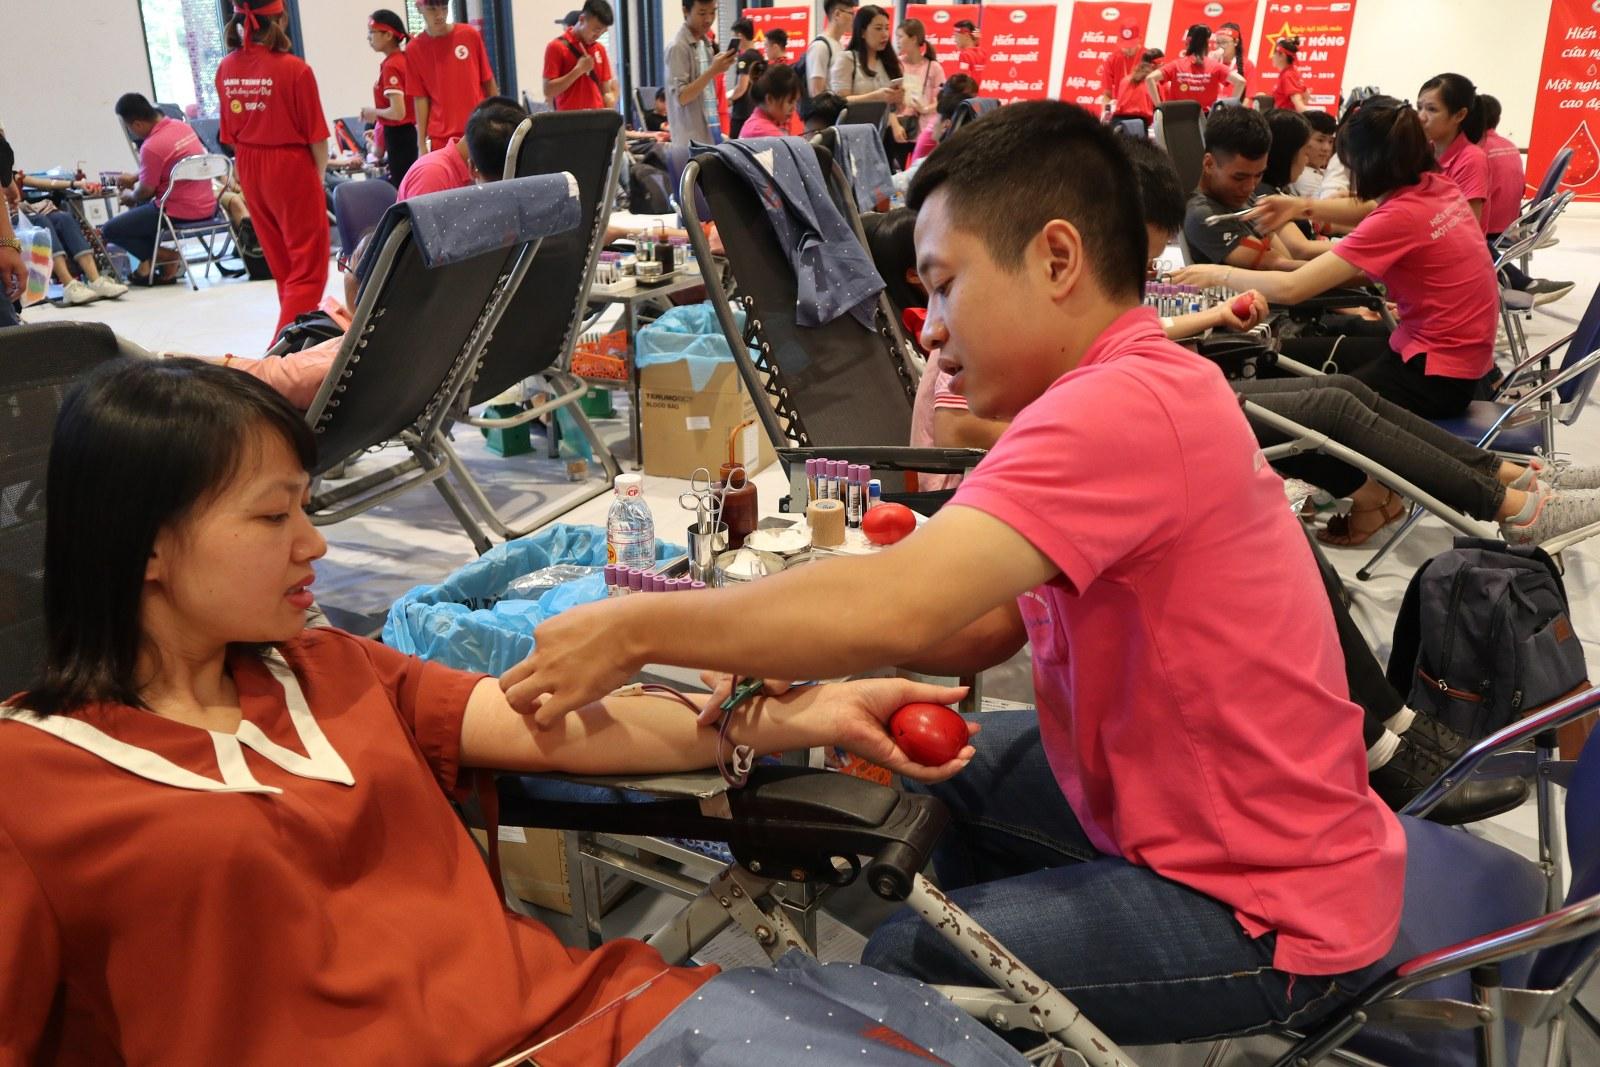 """Tính đến hết ngày 25/7, chương trình Hành trình Đỏ 2019 đã tiếp nhận được hơn 80.000 đơn vị máu và tại ngày hội hiến máu """"Giọt hồng tri ân"""", Ban tổ chức dự kiến tiếp nhận trên 3.000 đơn vị máu và sẽ tiếp nhận thêm 2.000 đơn vị máu tại Hải Dương."""